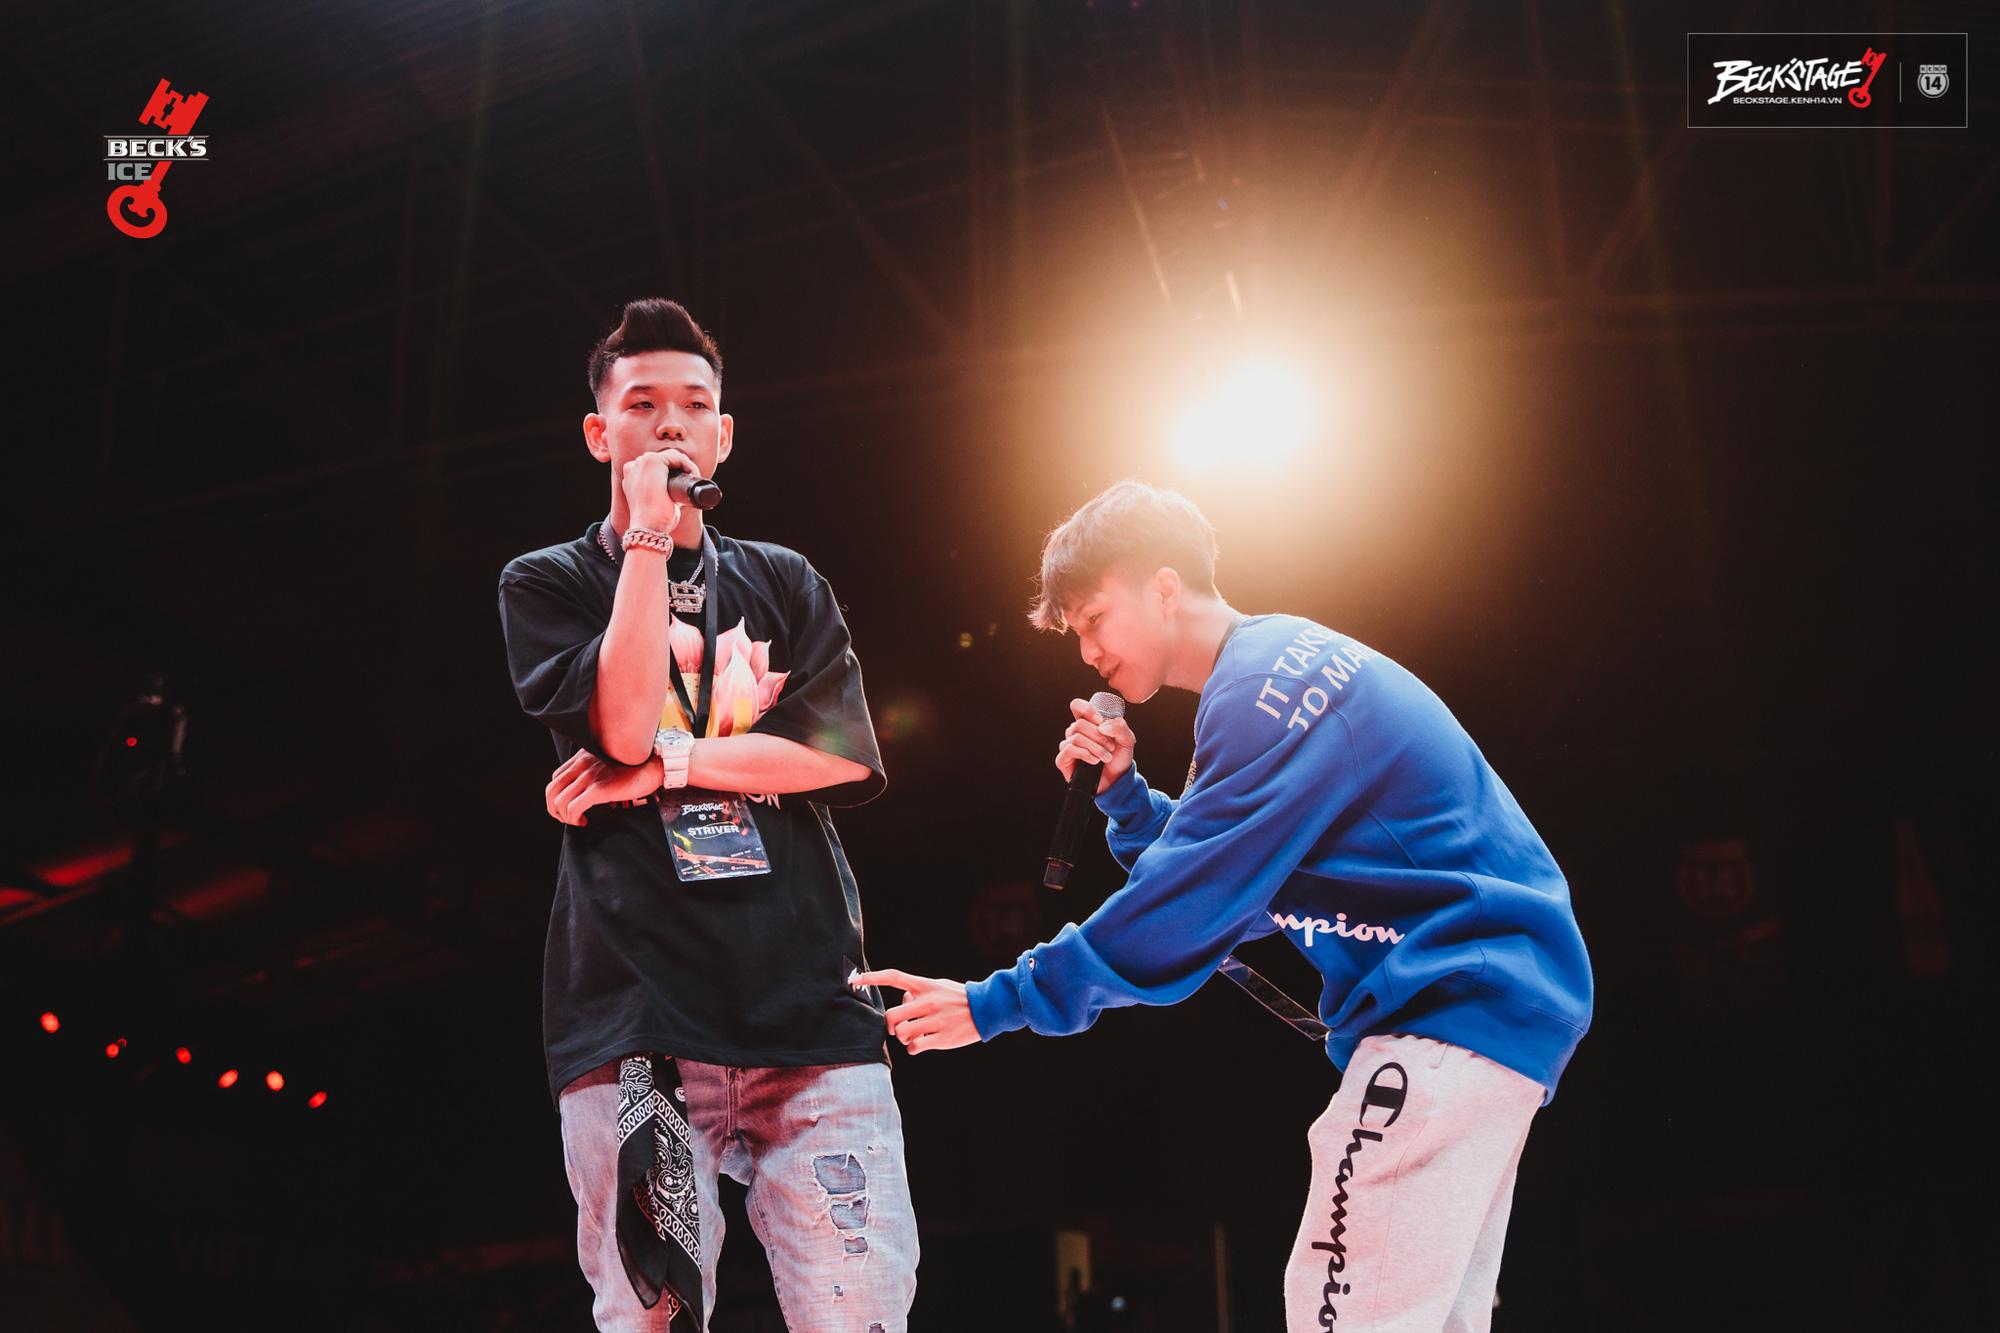 Ngôi vô địch BeckStage Battle Rap đã có chủ: Sóc Nâu và Phúc Du giành lấy ngôi vương đầy thuyết phục, một tương lai đầy hy vọng của rap Việt! - Ảnh 6.